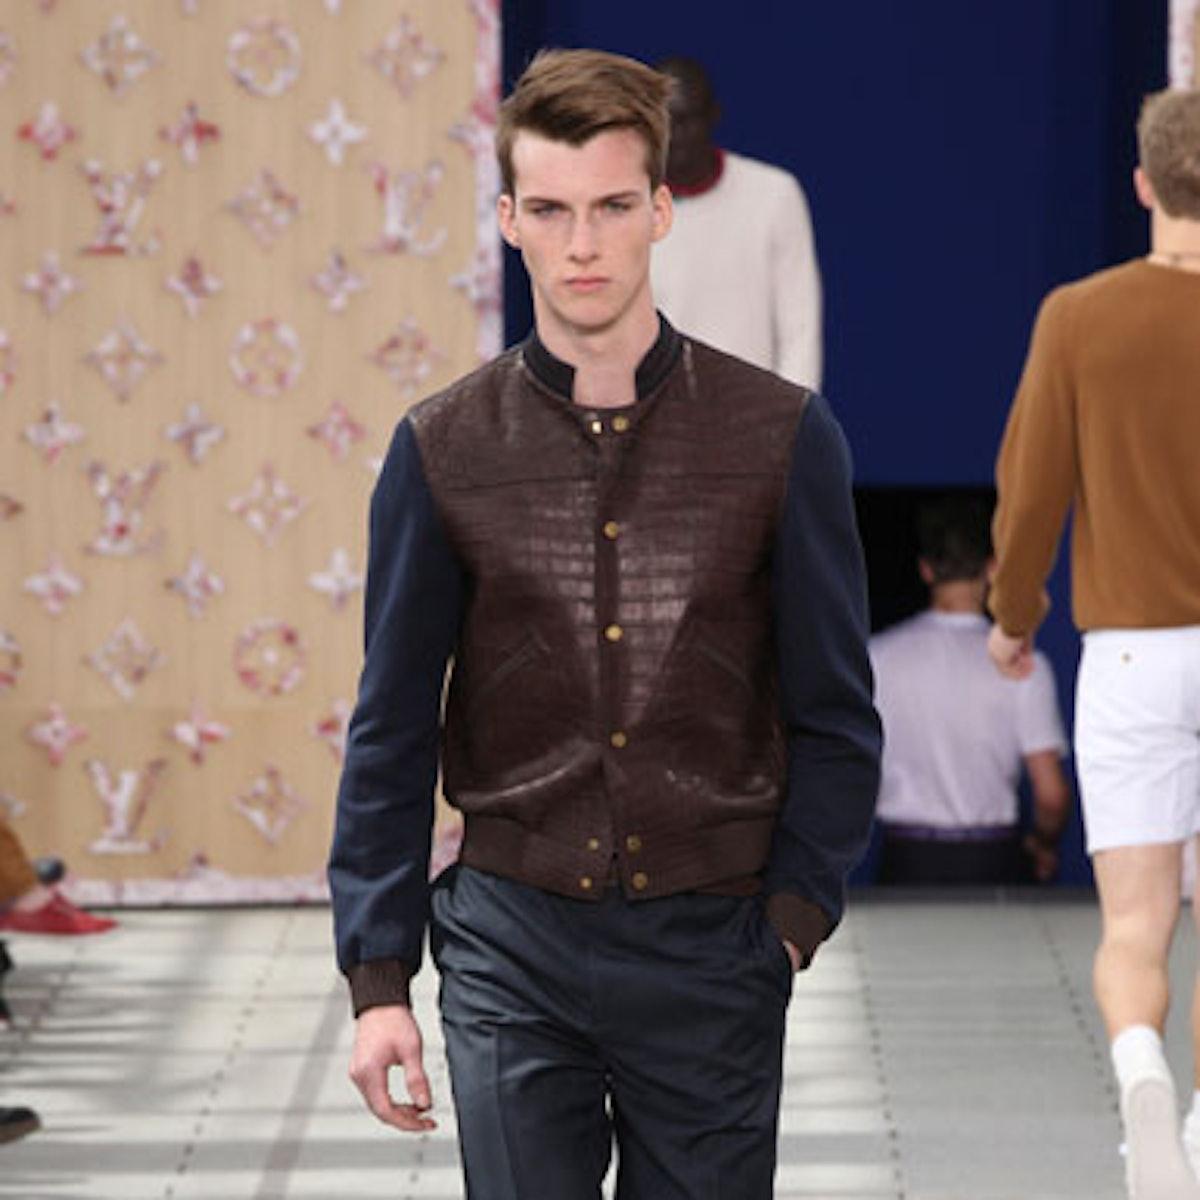 blog-mens-varsity-jackets-03.jpg